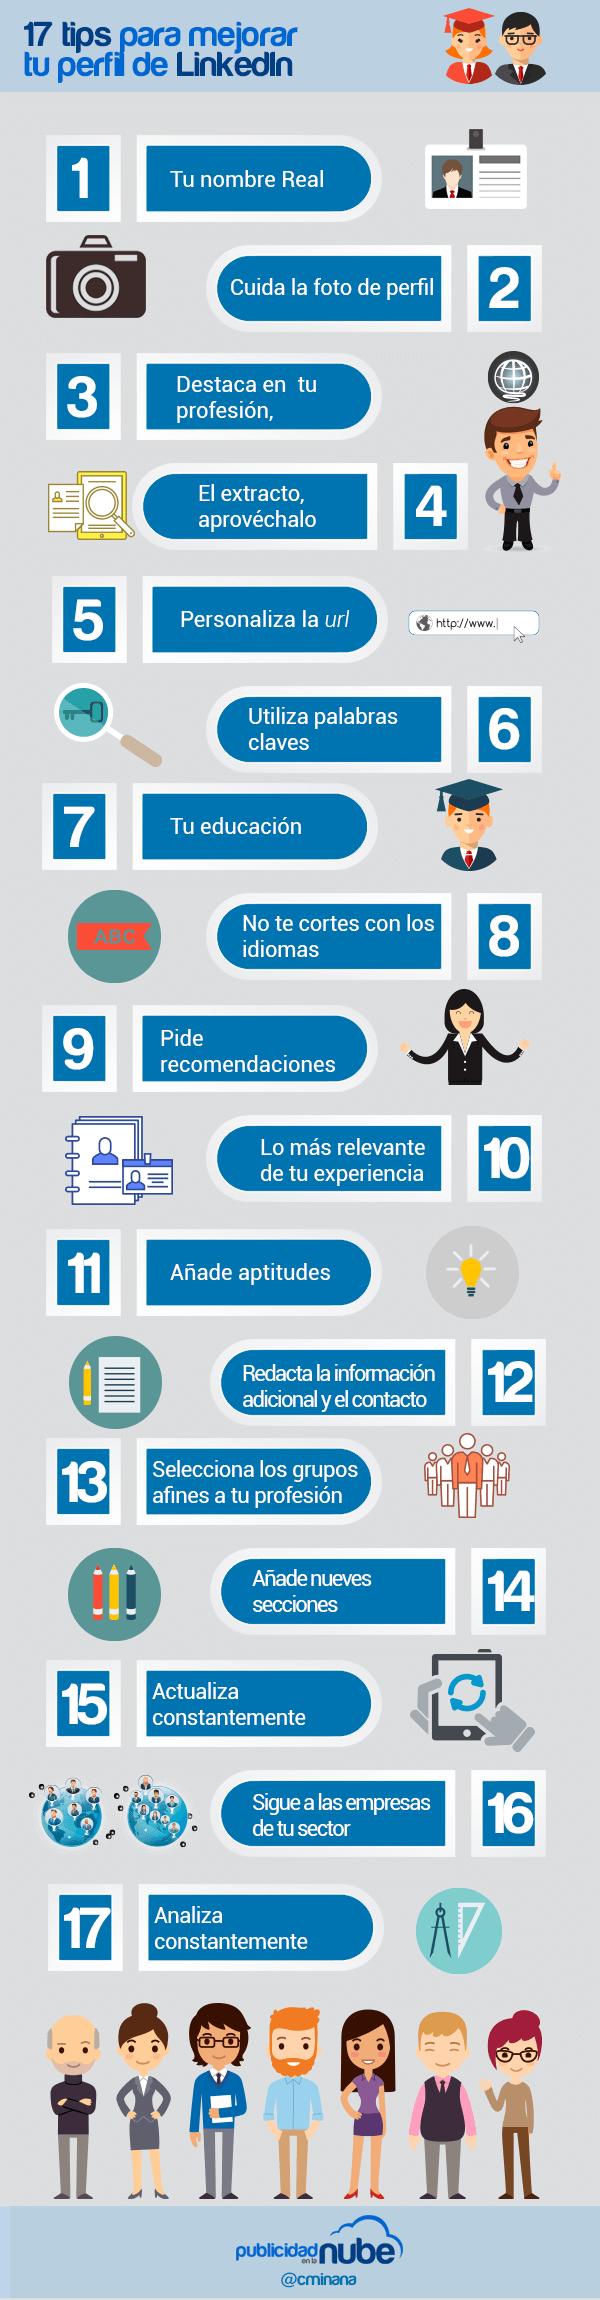 LinkedIn España, mejora tu perfil con estos consejos